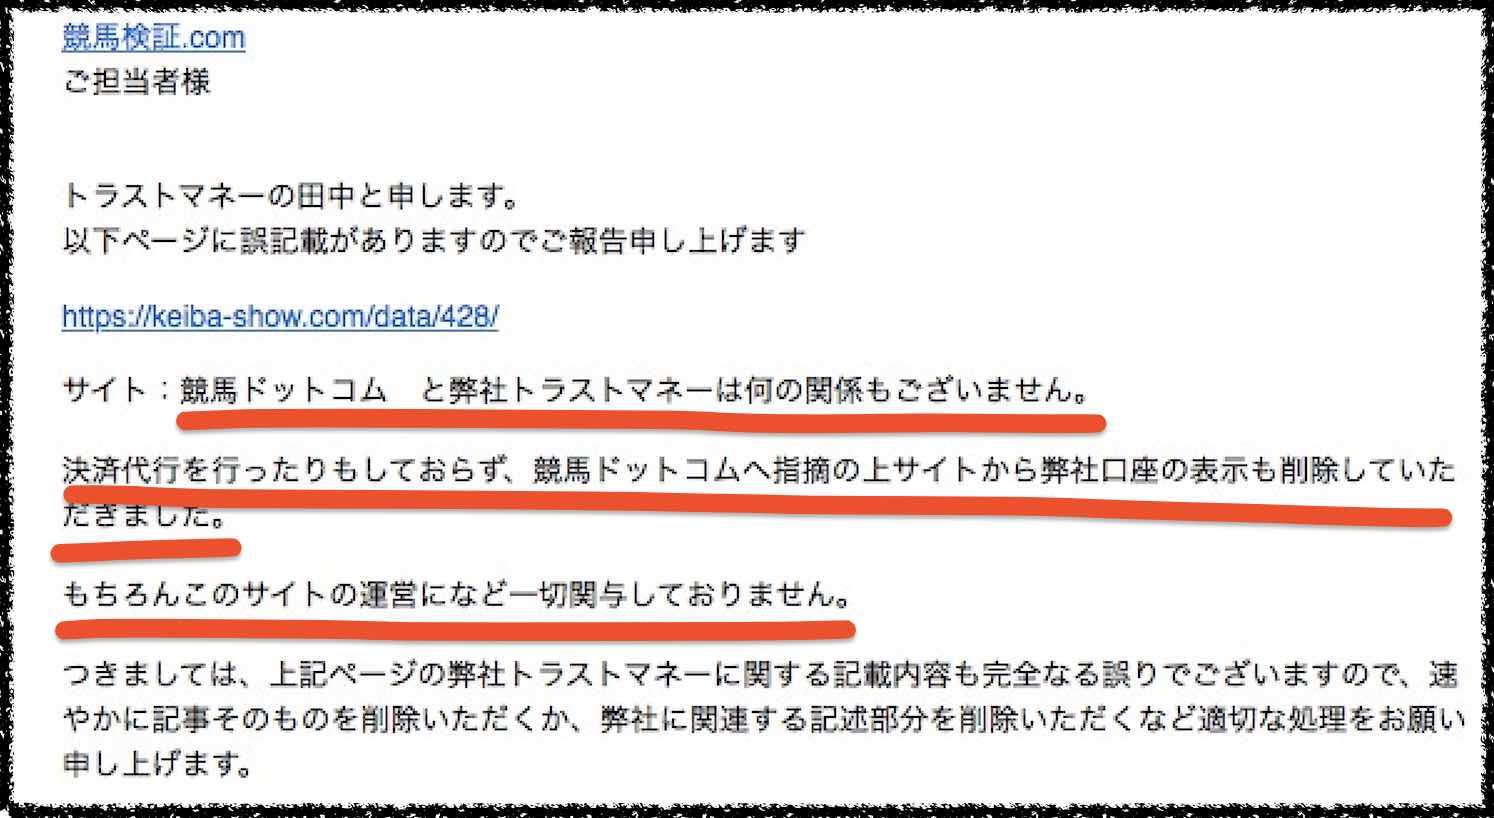 「株式会社トラストマネー」の田中様から頂いたメール